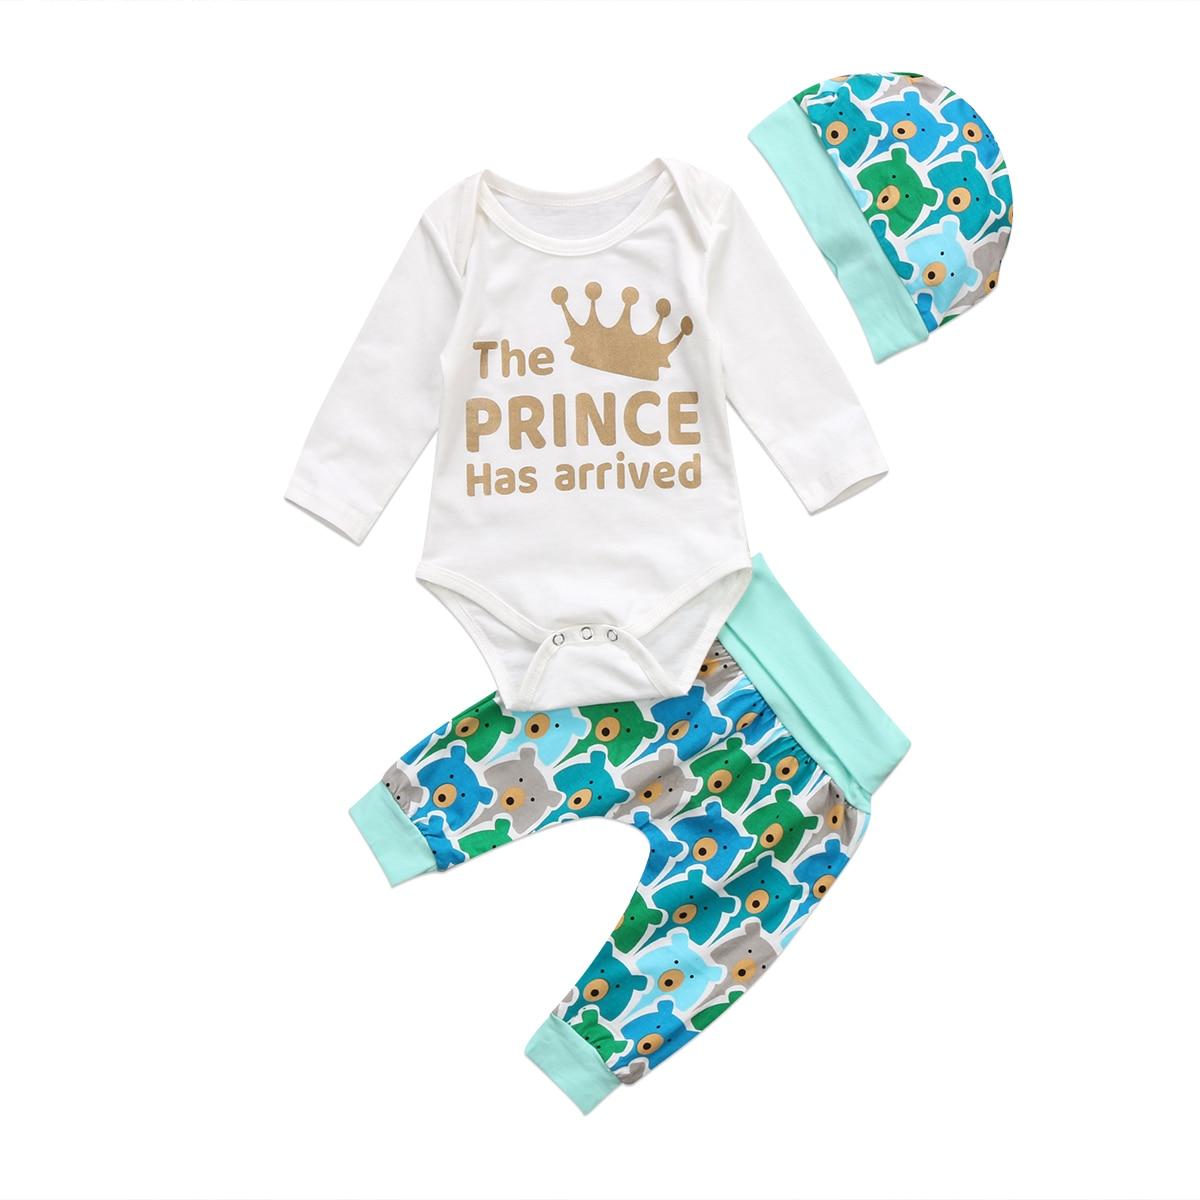 Комплект для малышей! Новорожденных Для маленьких мальчиков Обувь для девочек Боди Топы + штаны + Шапка, комплект из 3 предметов Комплект оде...